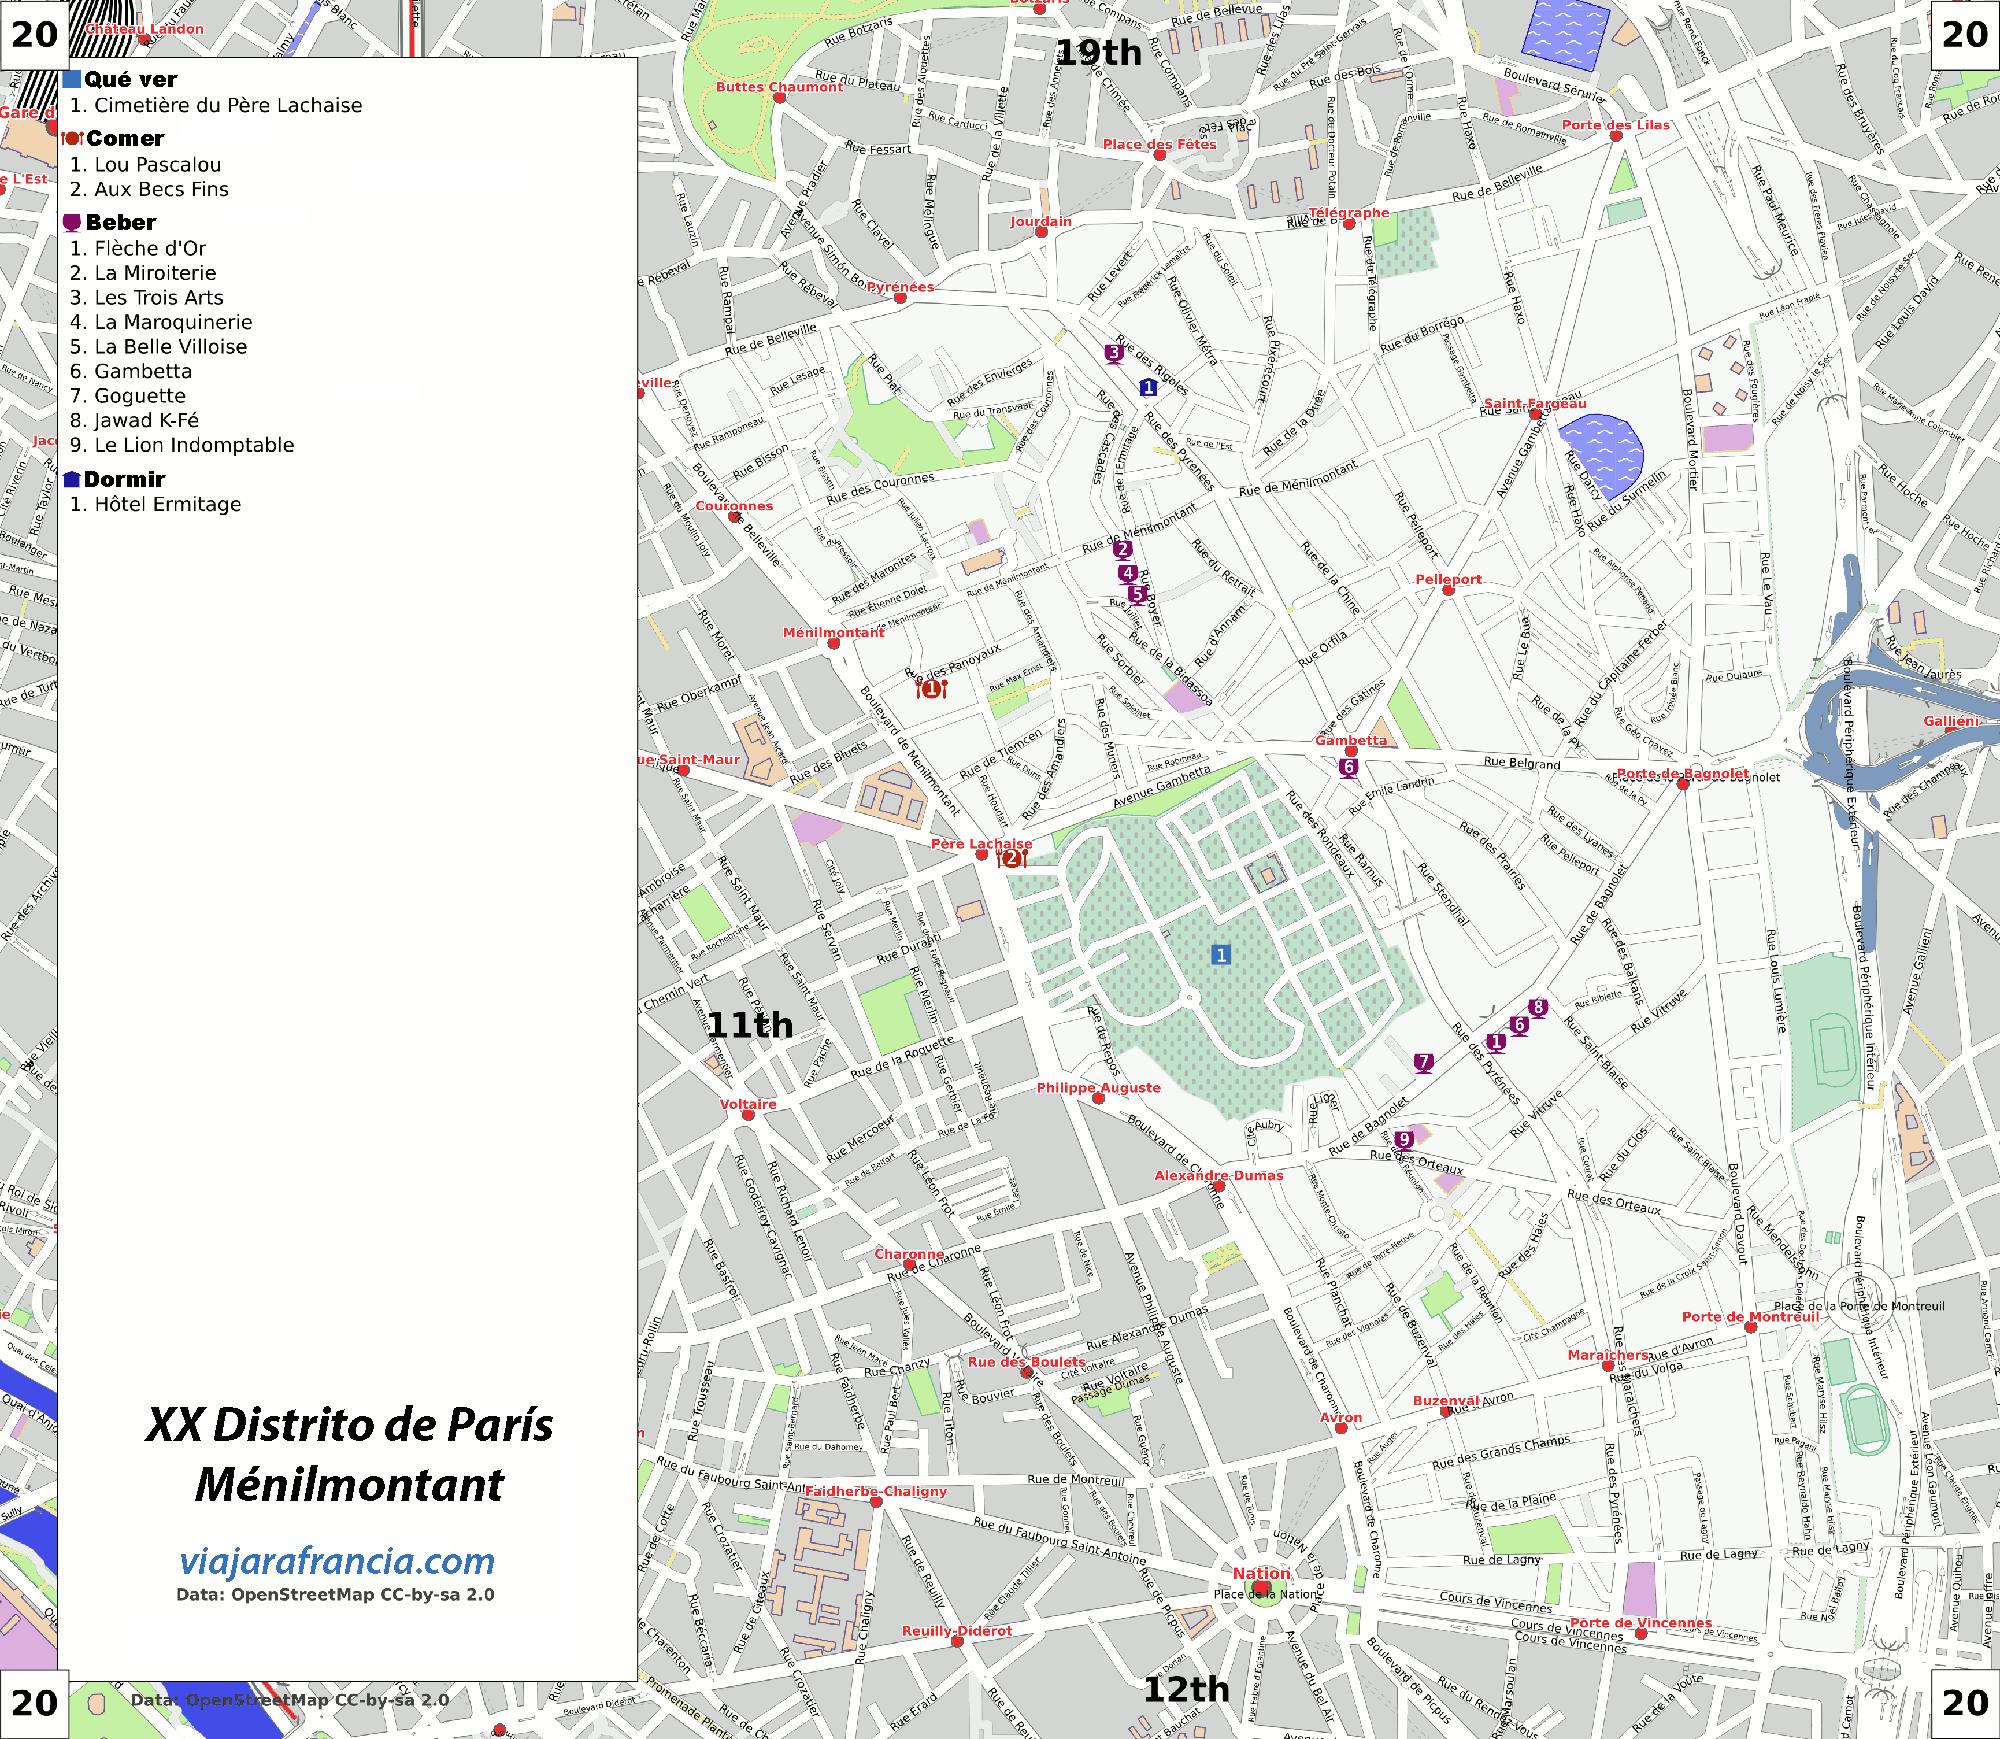 XX Distrito de París - Generado por <a href='http://www.openstreetmap.org/' target='_blank' rel='nofollow'>OpenStreetMap</a> y datos de <a href='http://wikitravel.org' target='_blank' rel='nofollow'>Wikitravel</a>